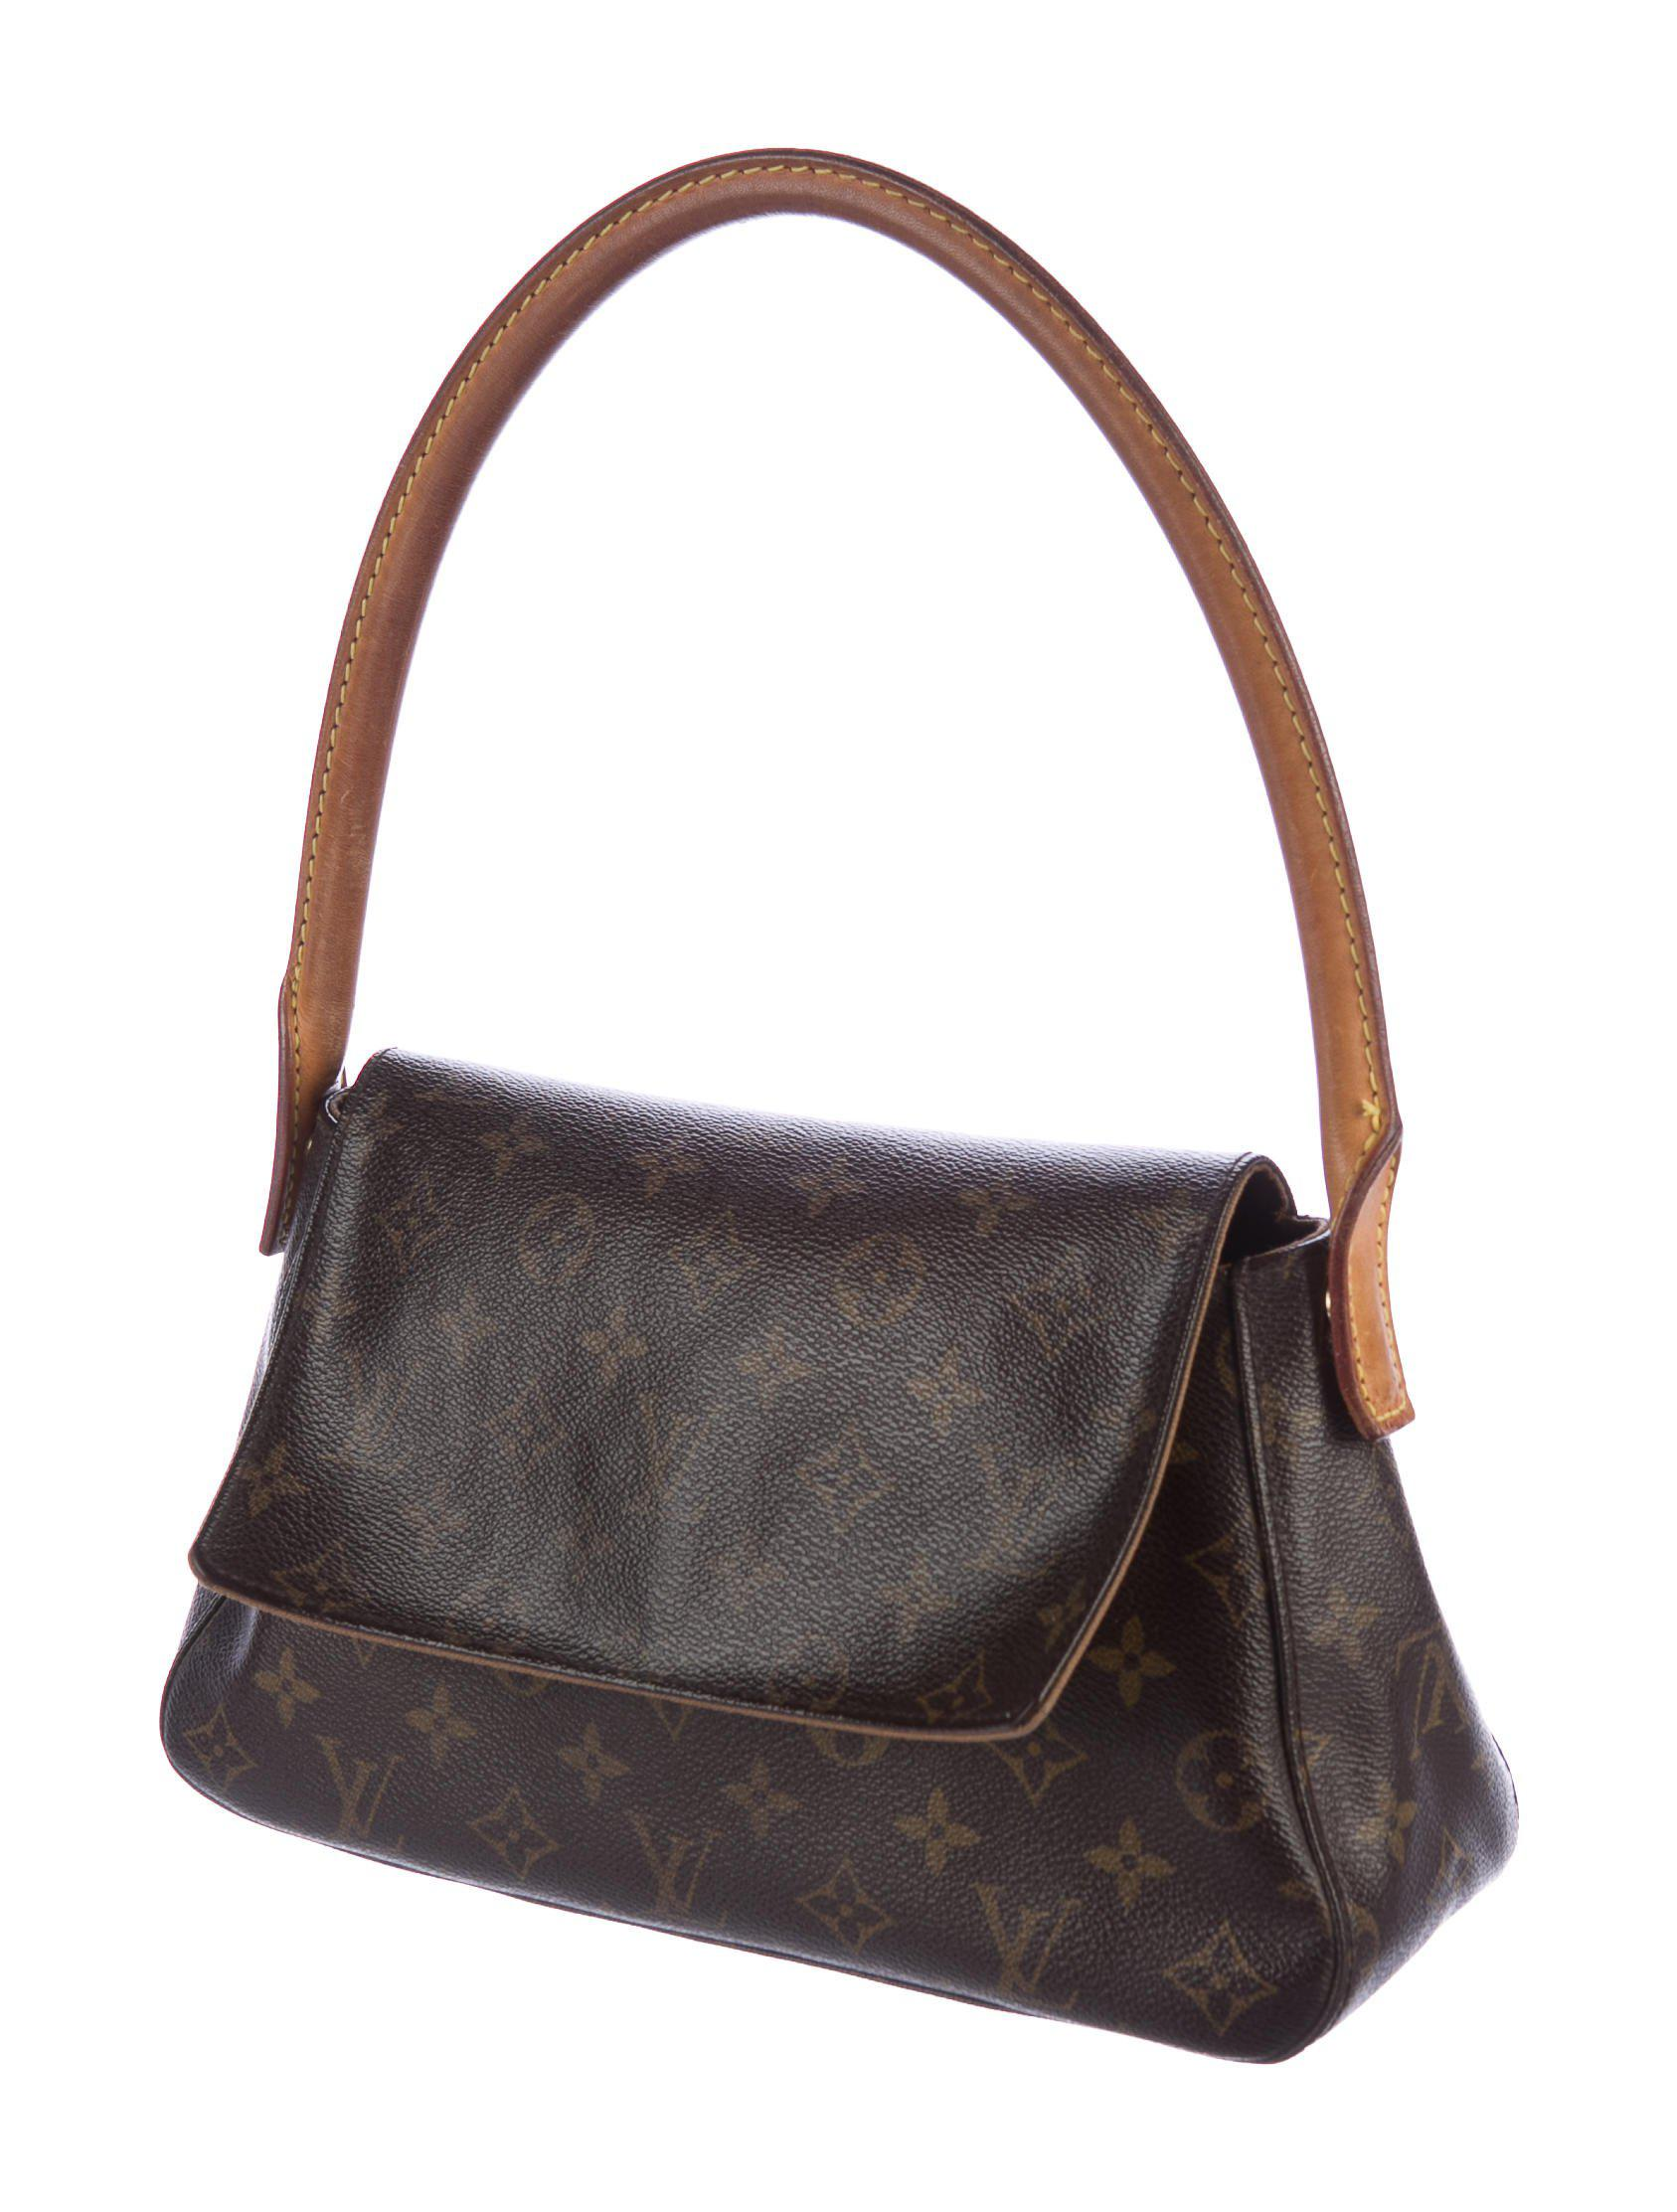 8015ca6ebade Lyst - Louis Vuitton Monogram Mini Looping Bag Brown in Natural